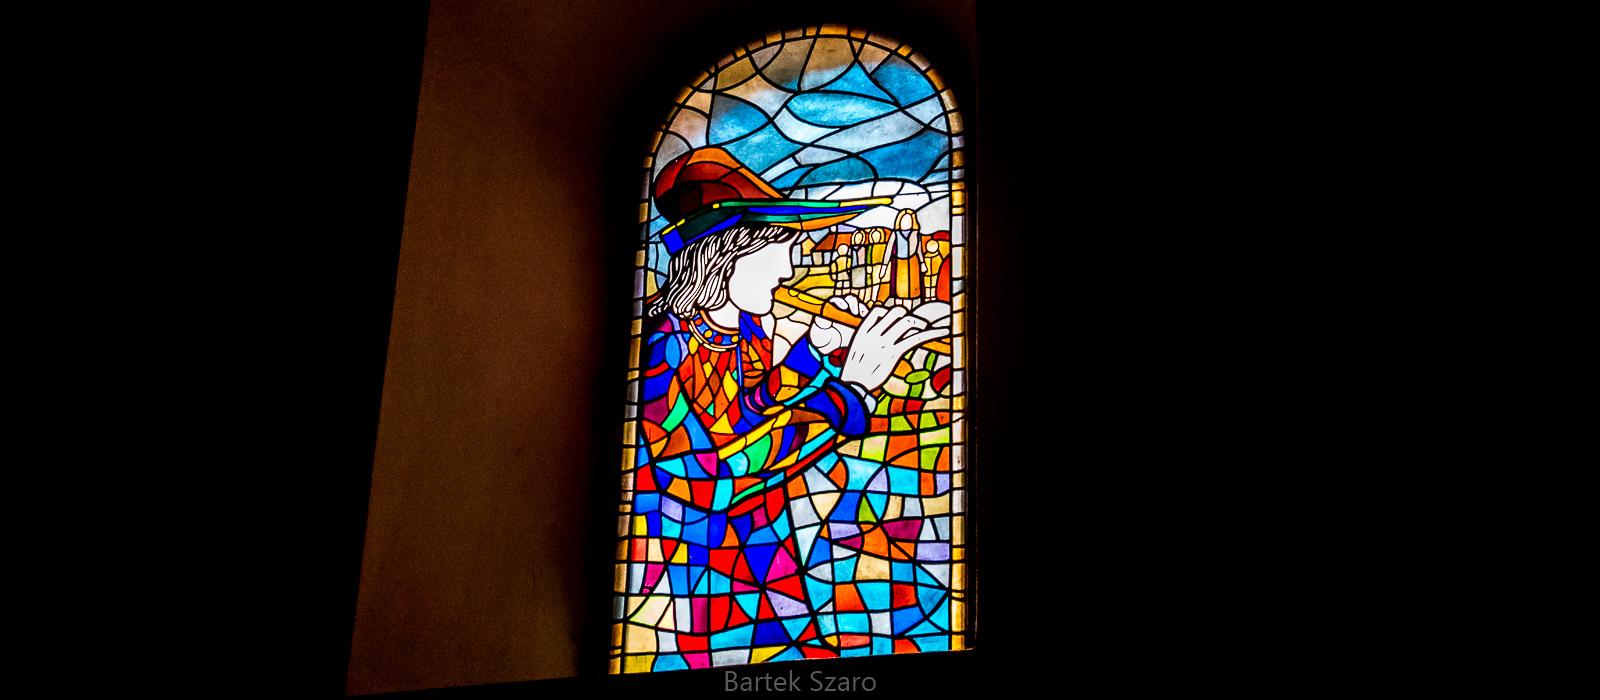 Gdzie szczur jest twoim przewodnikiem. 9 atrakcji legendarnego Hameln. I zamek Marienburg na dokładkę